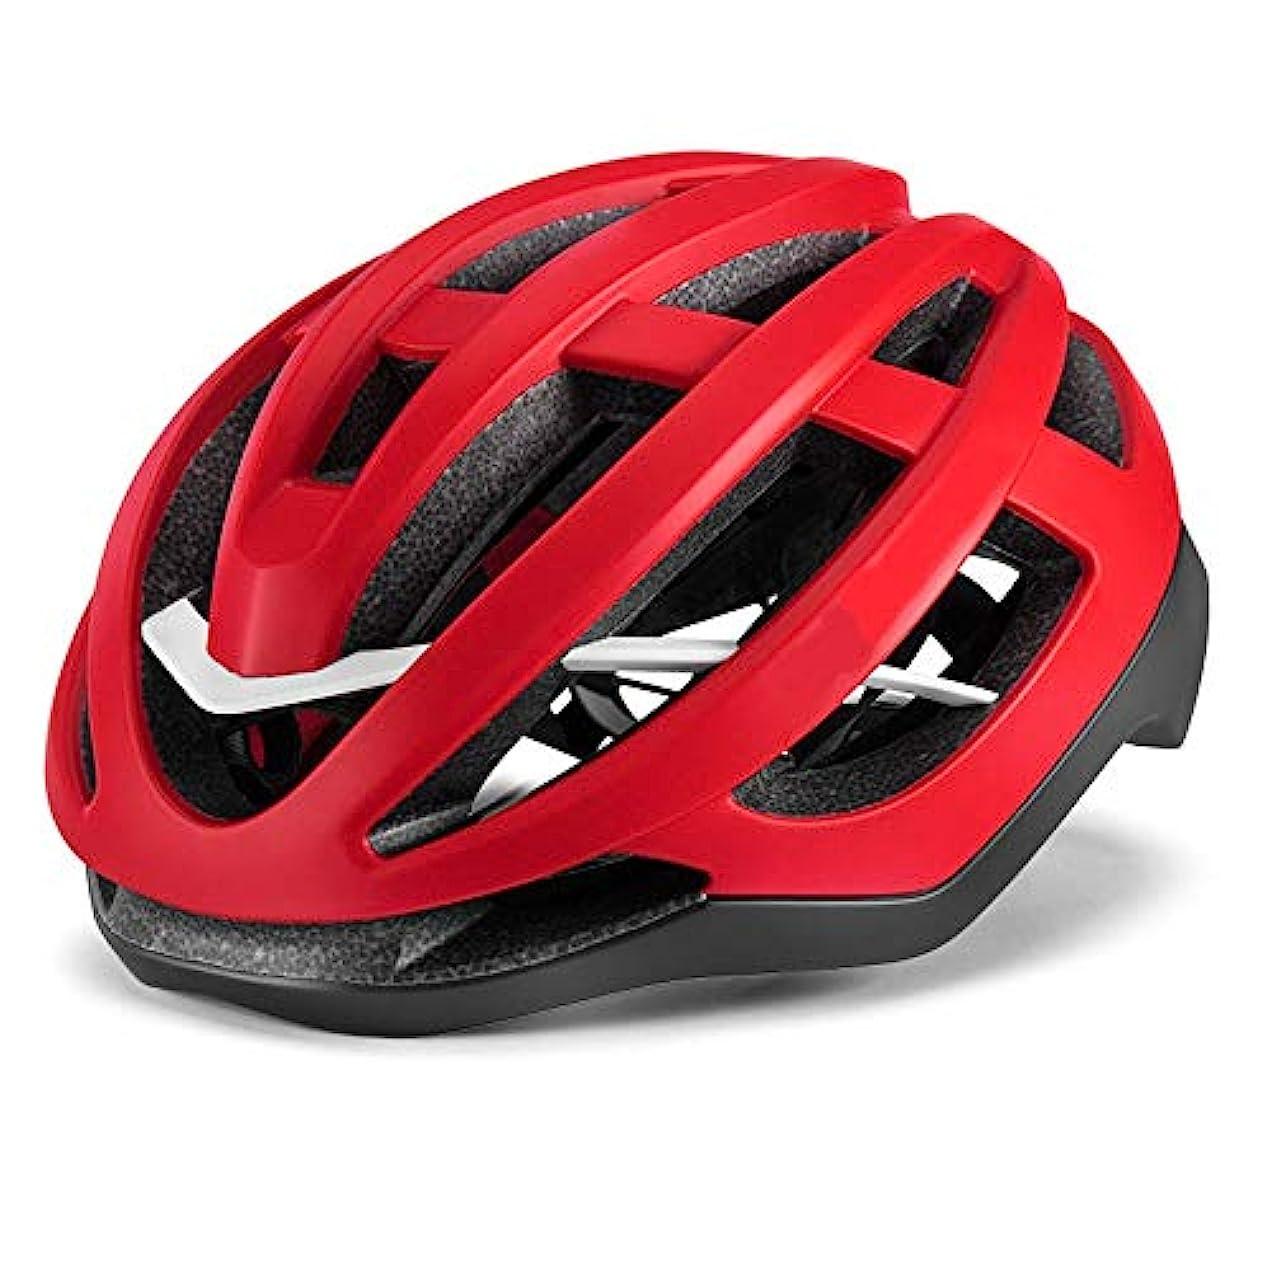 セージ例示するプラグTOMSSL高品質 自転車乗馬ヘルメット空気圧ヘルメットマウンテンロードバイク機器大人男性と女性 TOMSSL高品質 (色 : Red, Size : M)